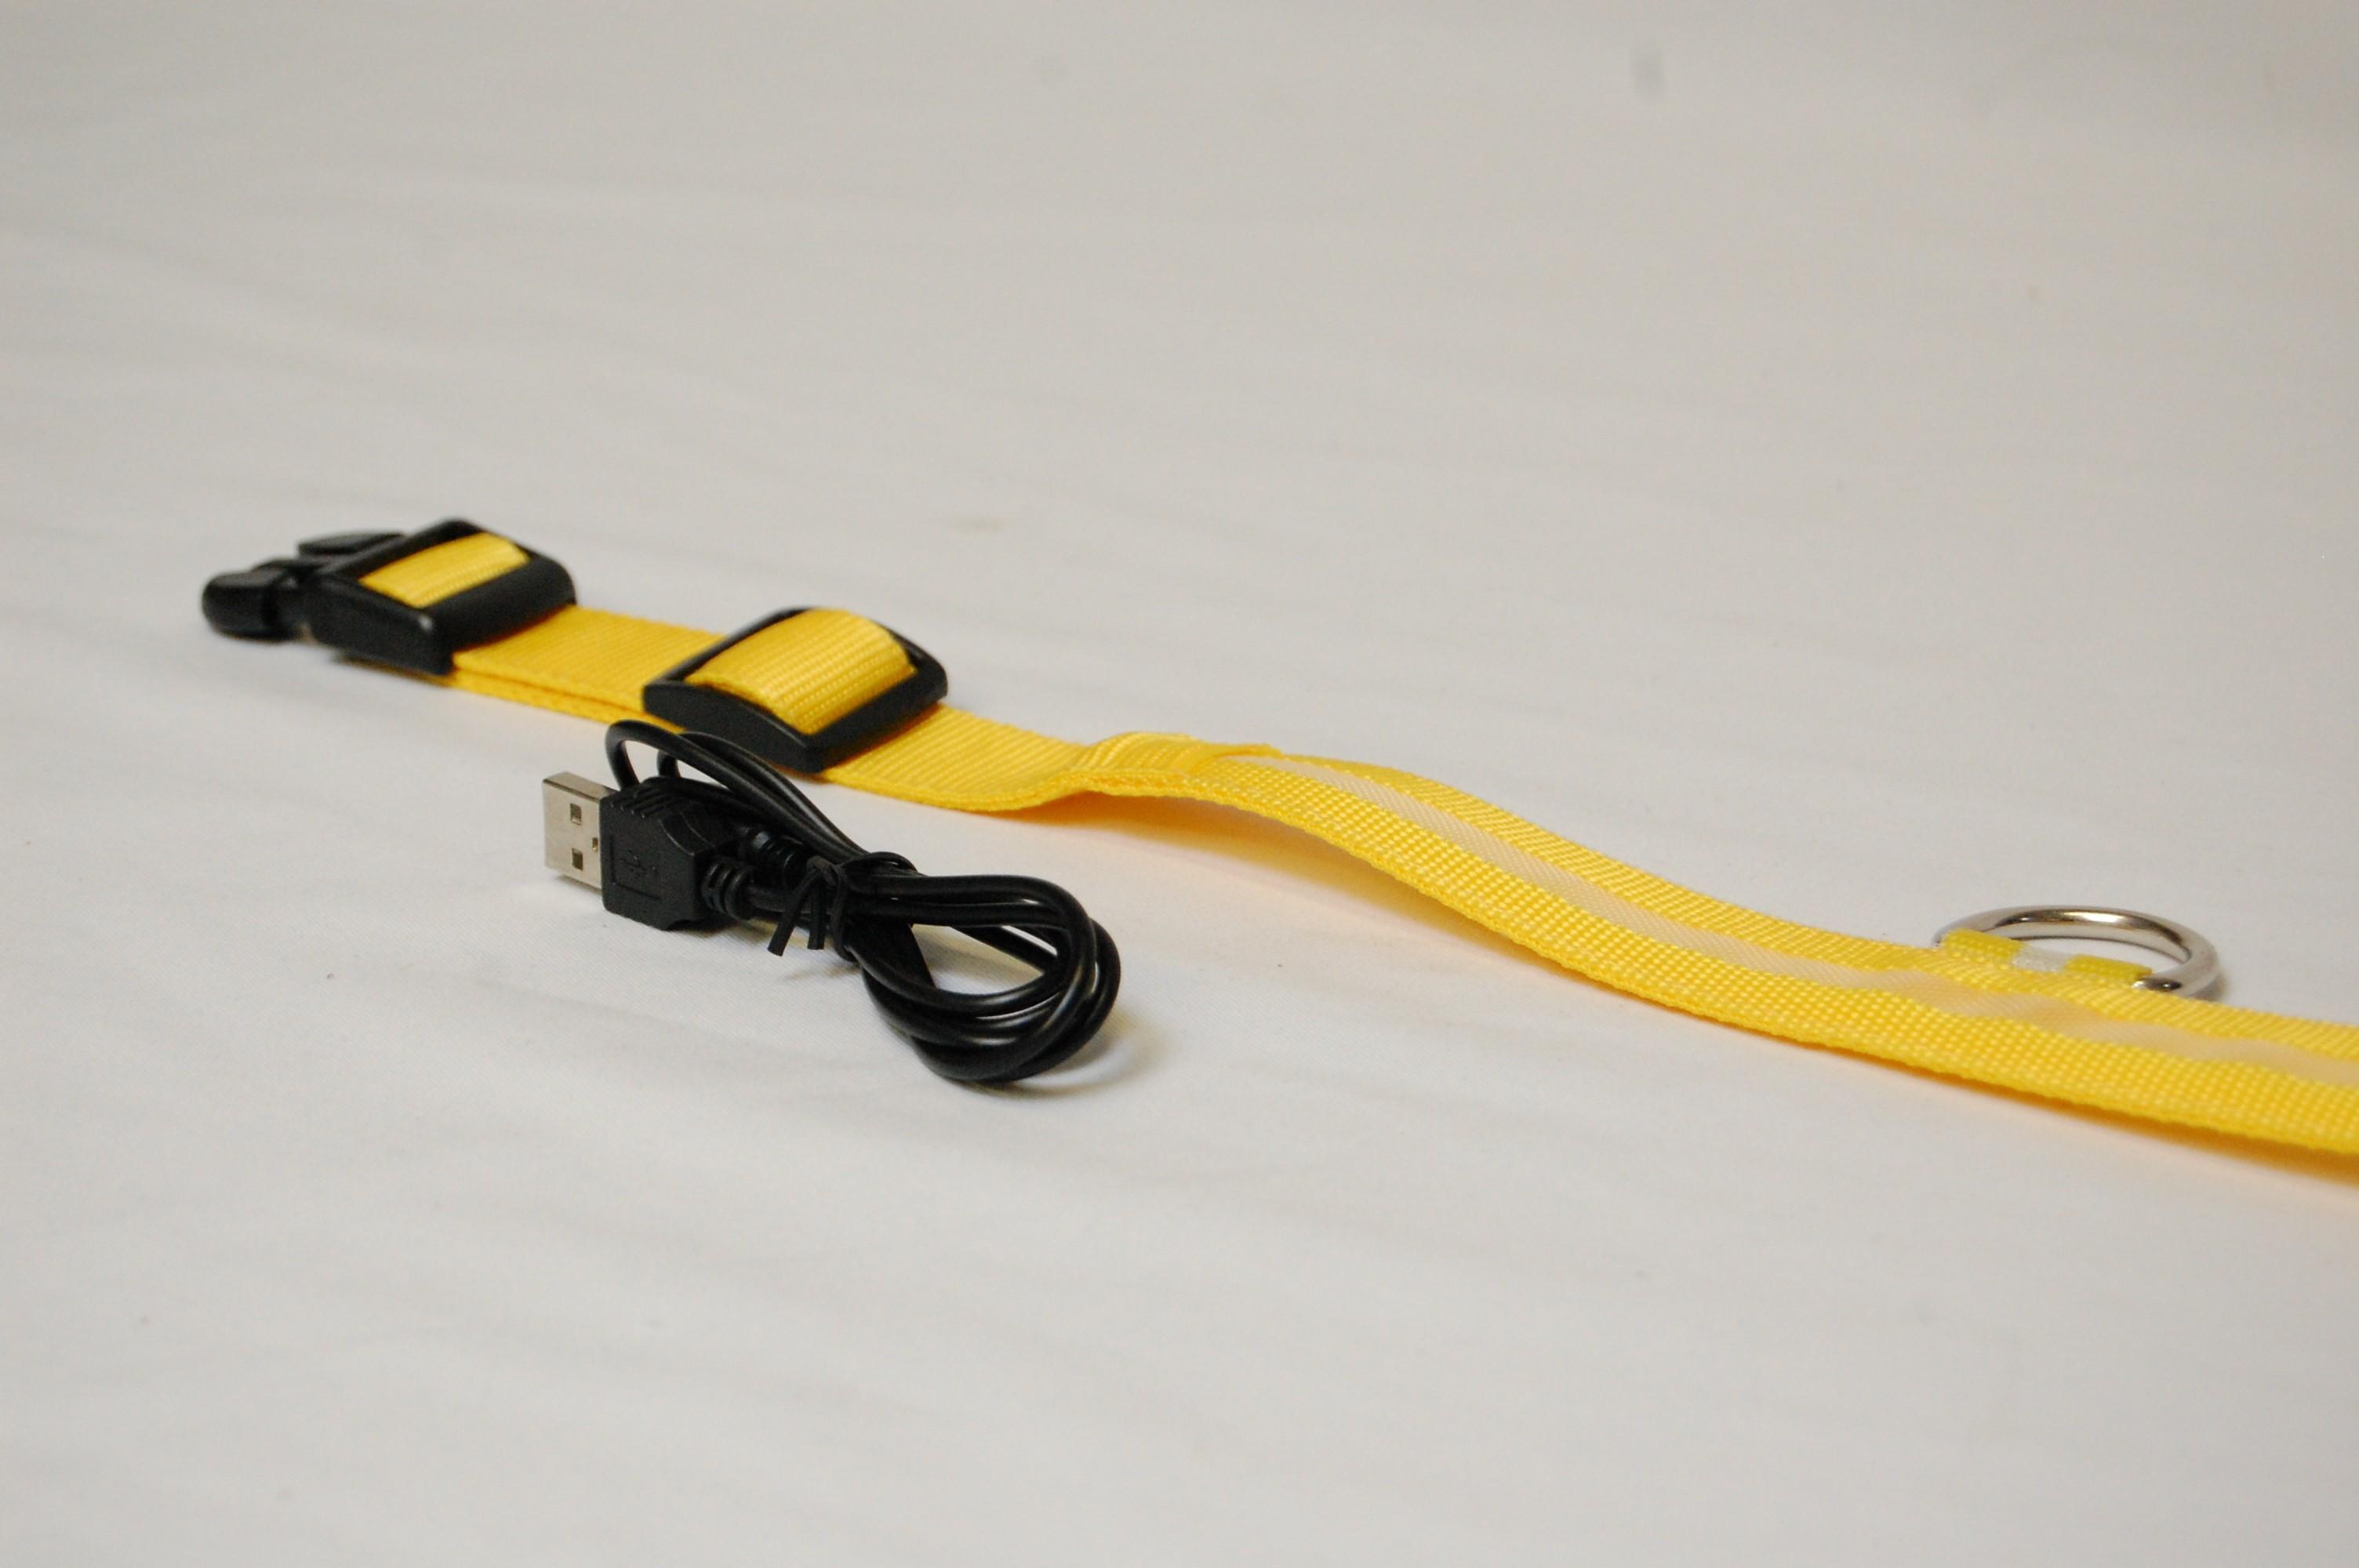 Hondenhalsband met LED verlichting - Accu-Company